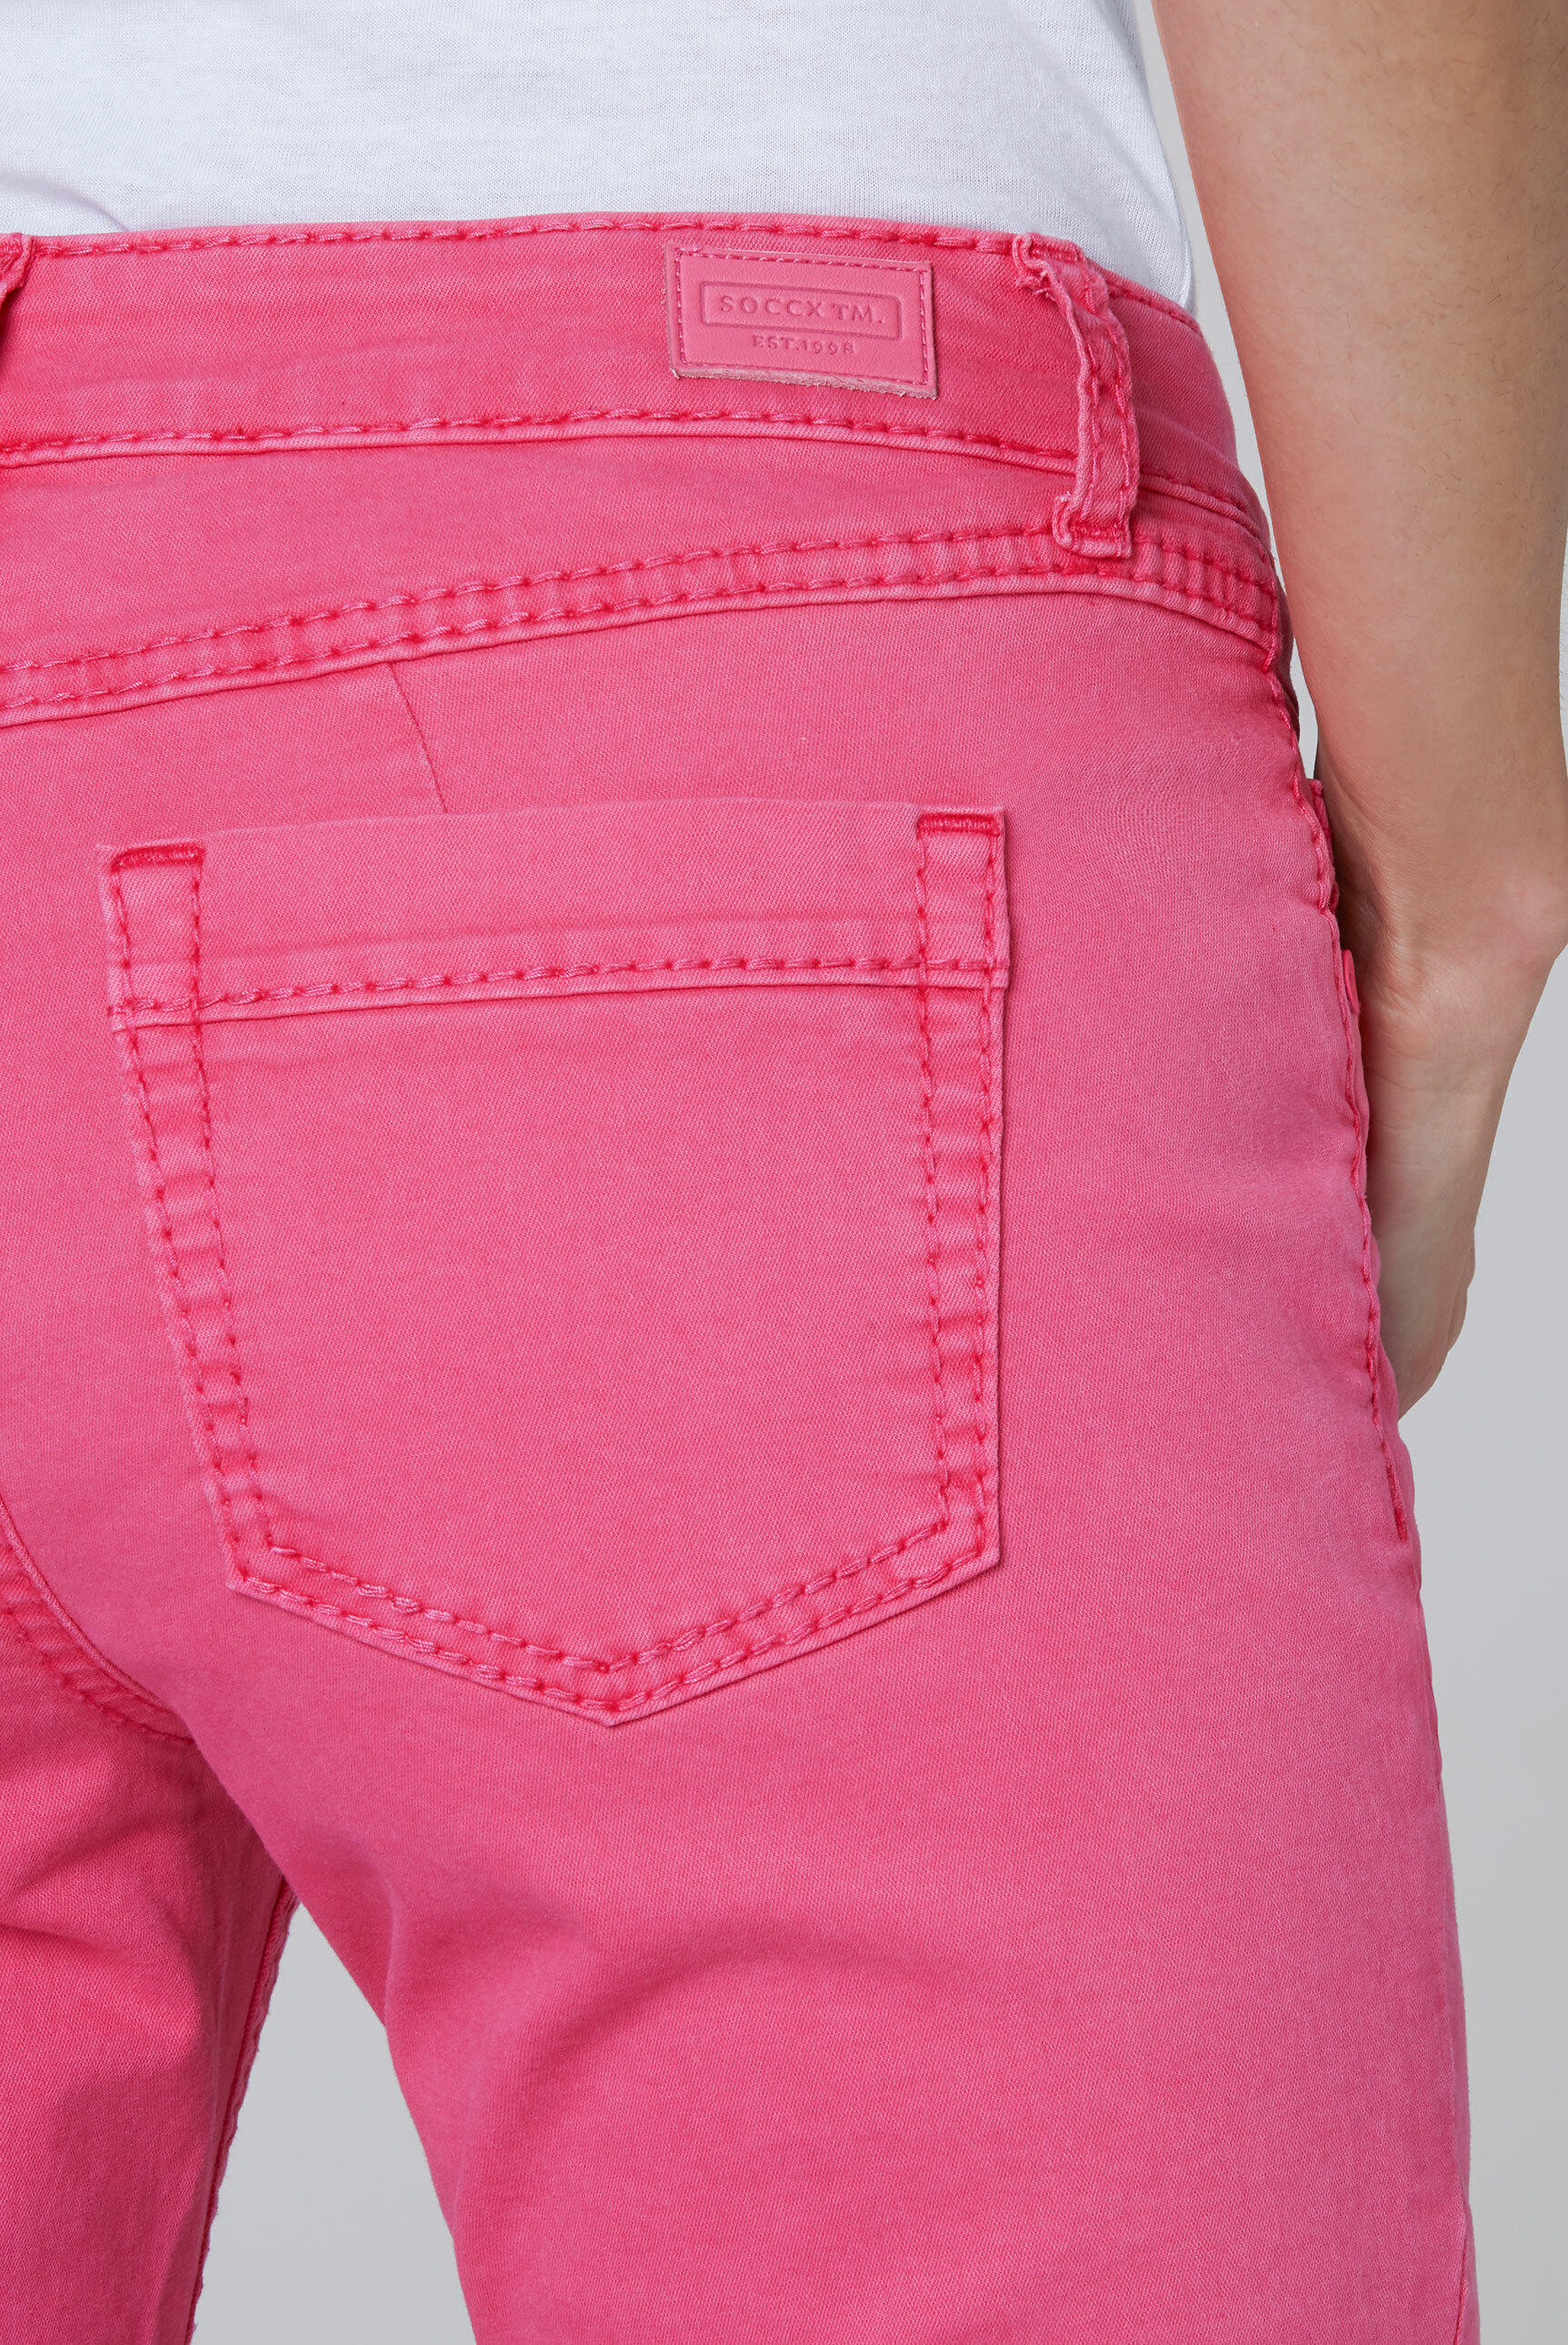 Coloured Capri Jeans LY:IA mit Knopfleiste